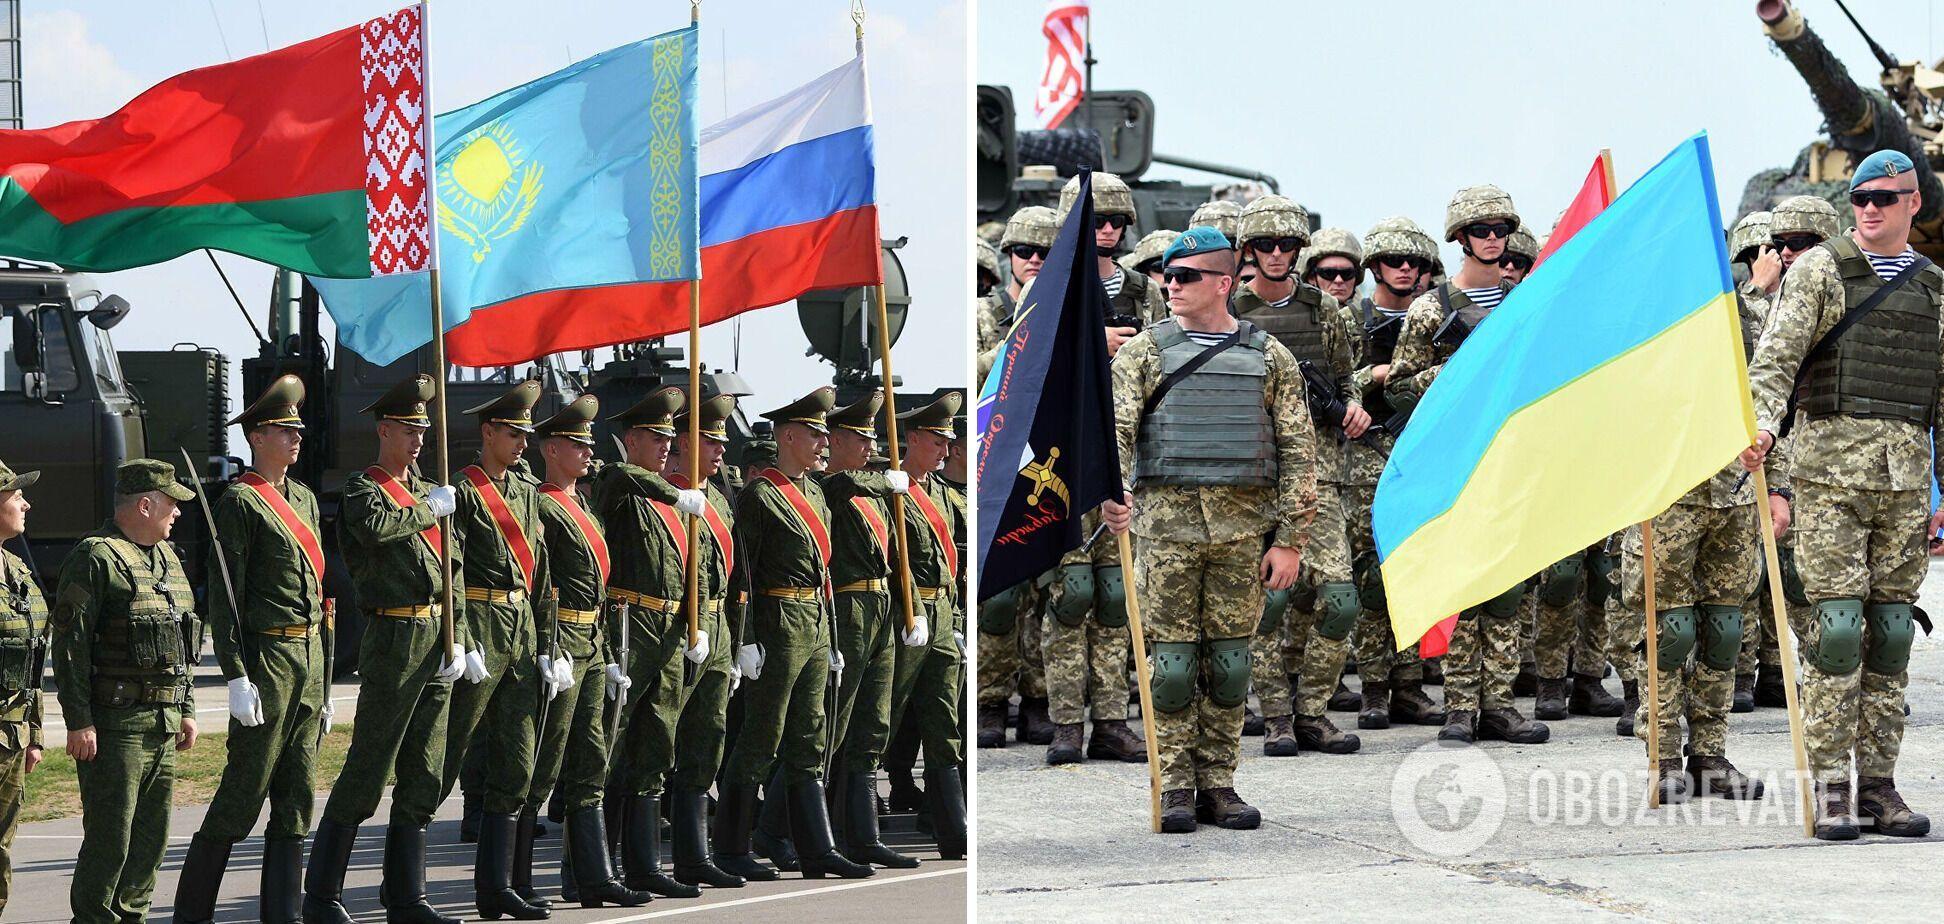 Росіяни готують інформаційний 'Іловайськ'. Але наша армія їм не по зубах